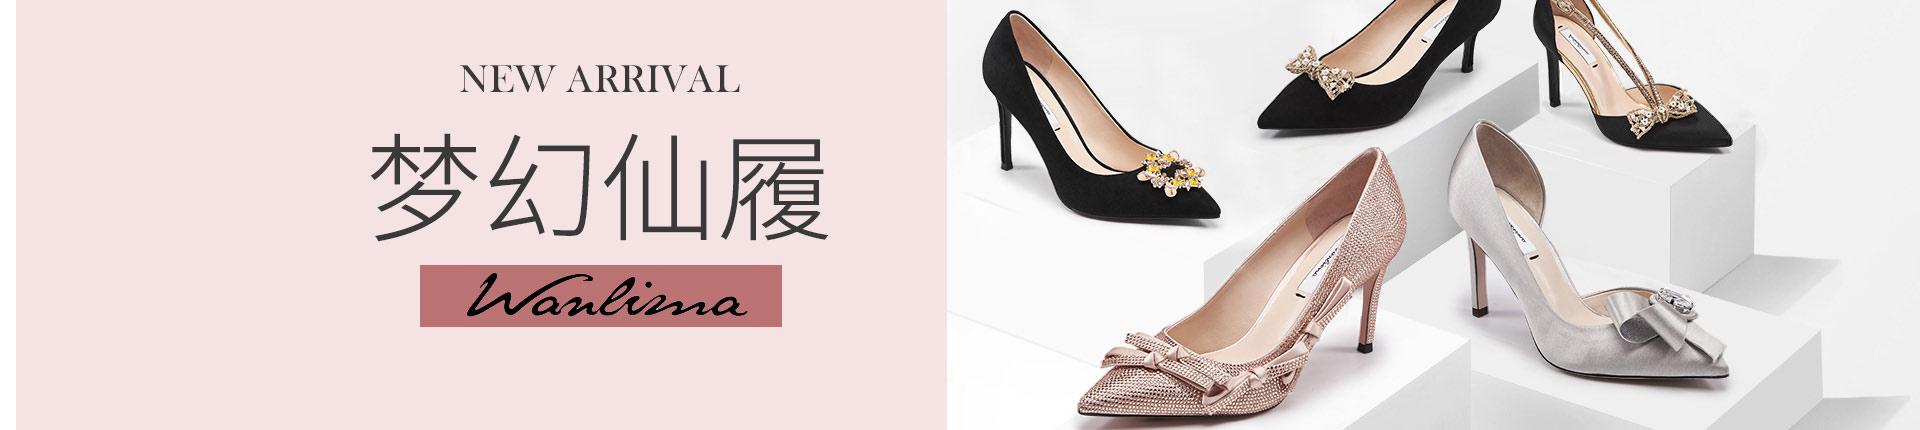 万里马官方网站